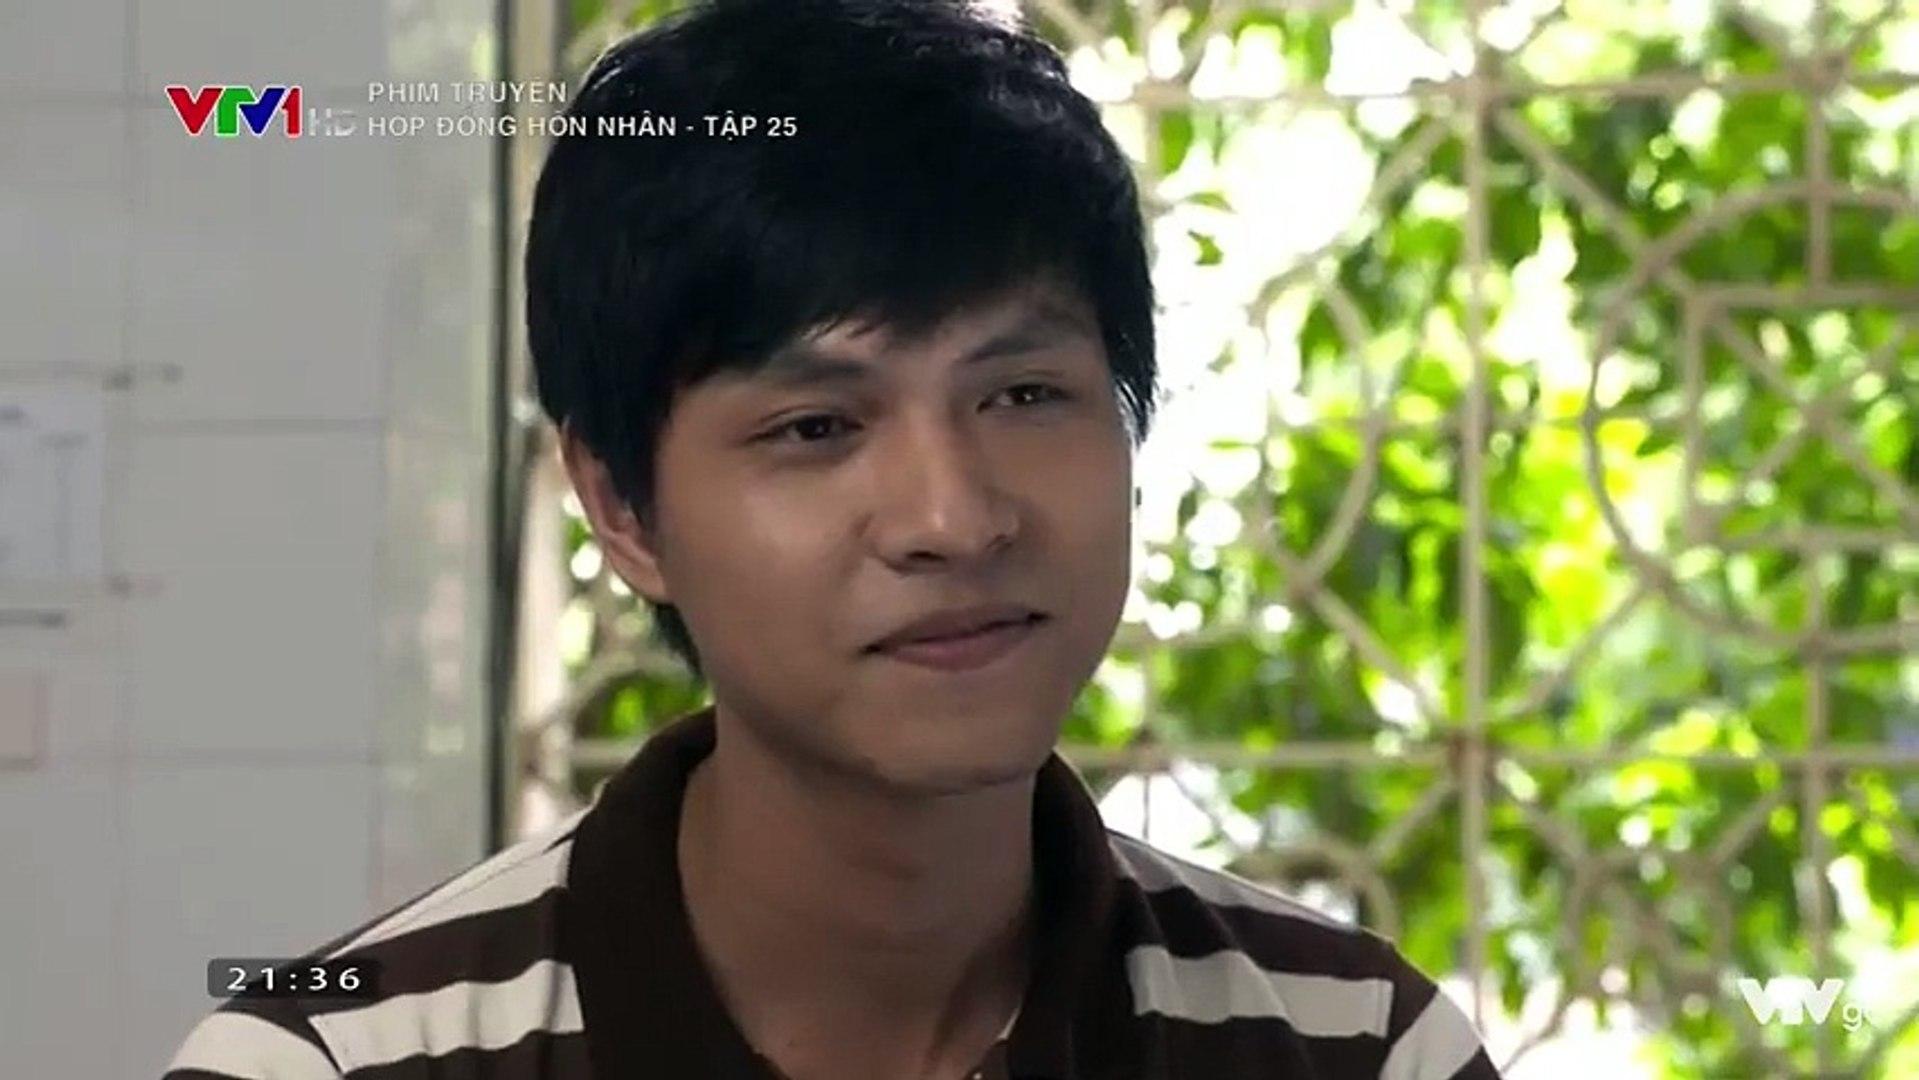 Hợp đồng hôn nhân tập 25 b Full VTV1   Phim Việt Nam Hay nhất